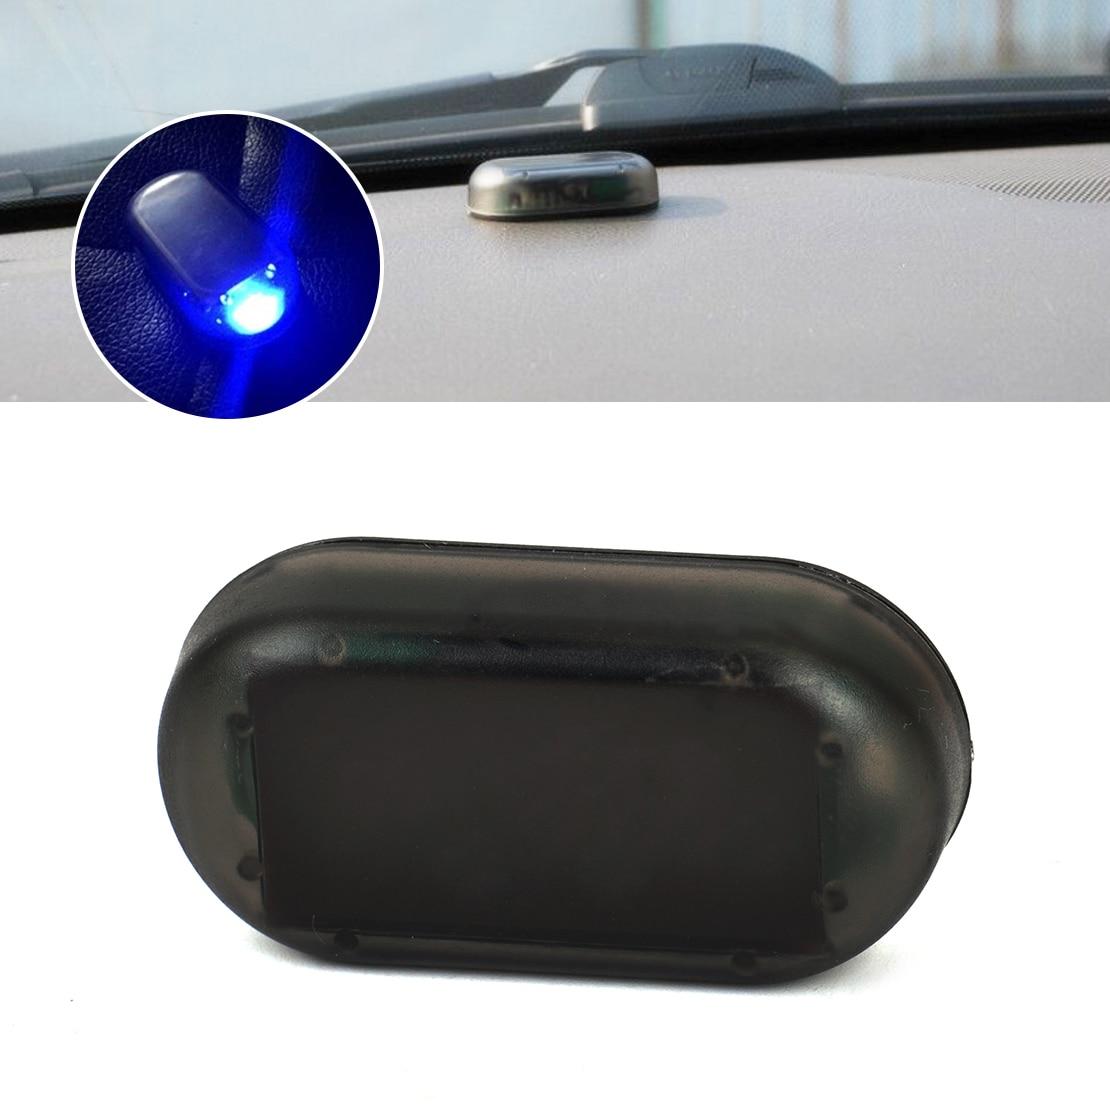 DWCX автомобиль синий LED солнечной энергии поддельные пустышки имитация сигнализации оповещения безопасности противоугонная мигающий свет для VW Ауди БМВ Пежо Киа